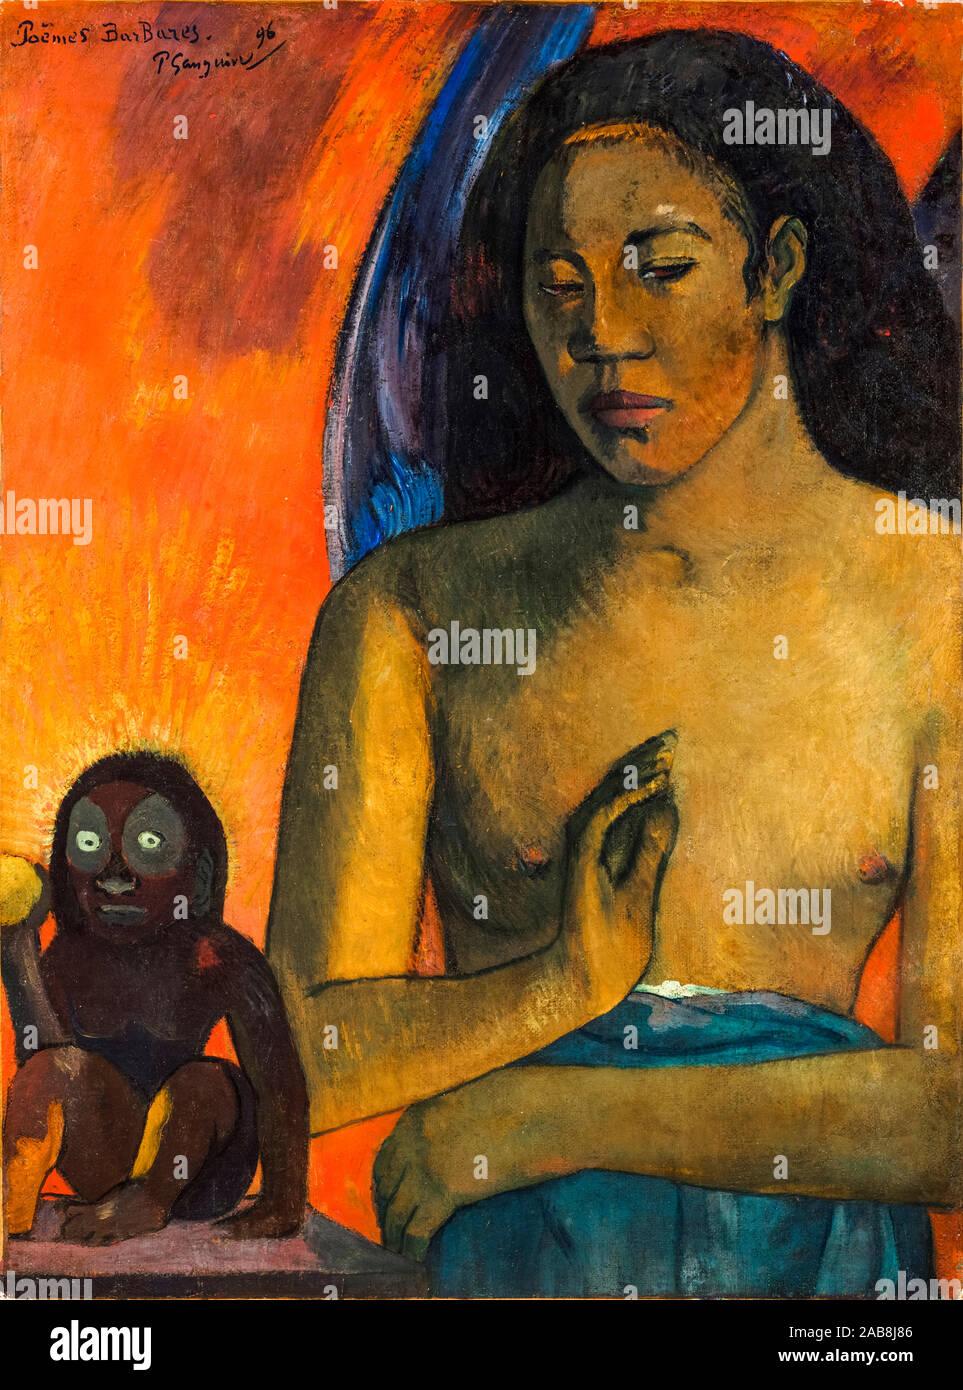 Paul Gauguin, Poèmes barbares, Poèmes (Savage), peinture, 1896 Banque D'Images